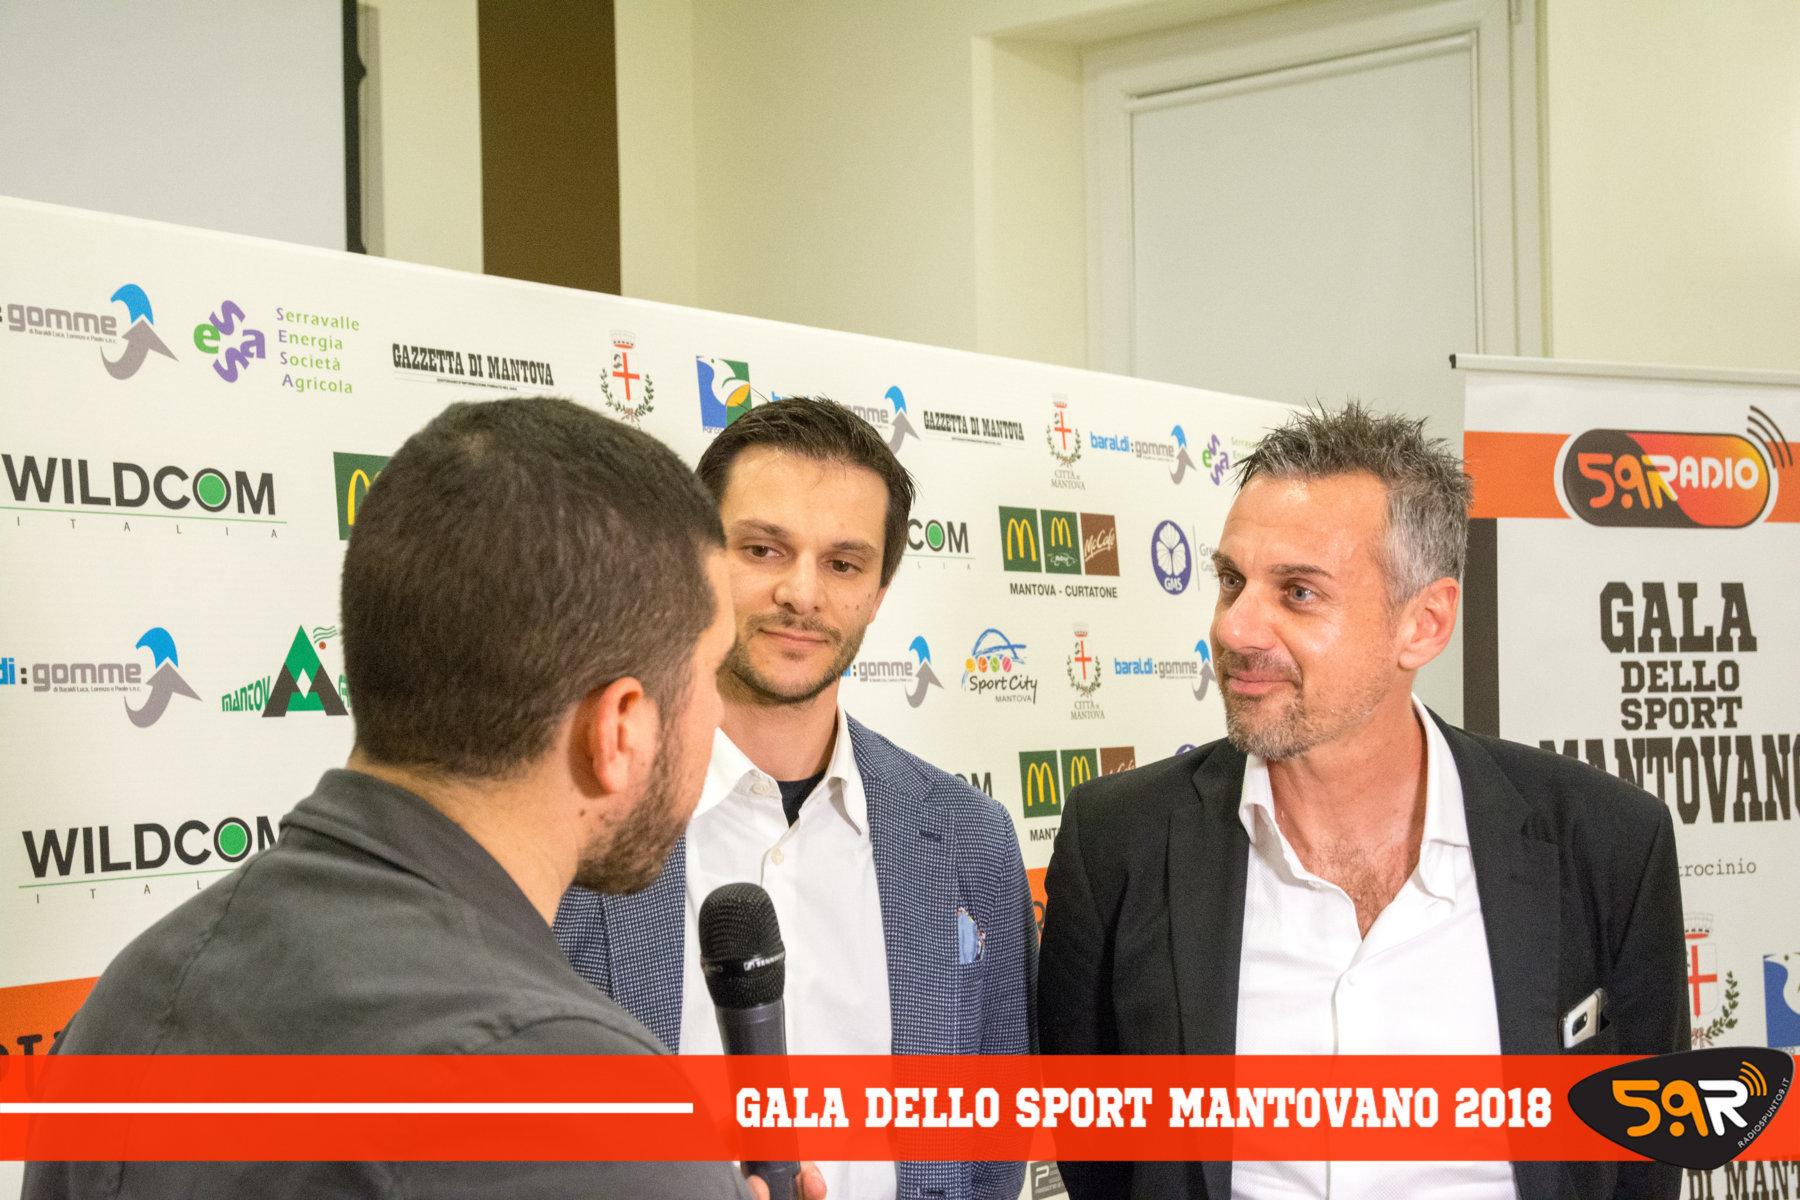 Gala dello Sport Mantovano 2018 Web Radio 5 (46)